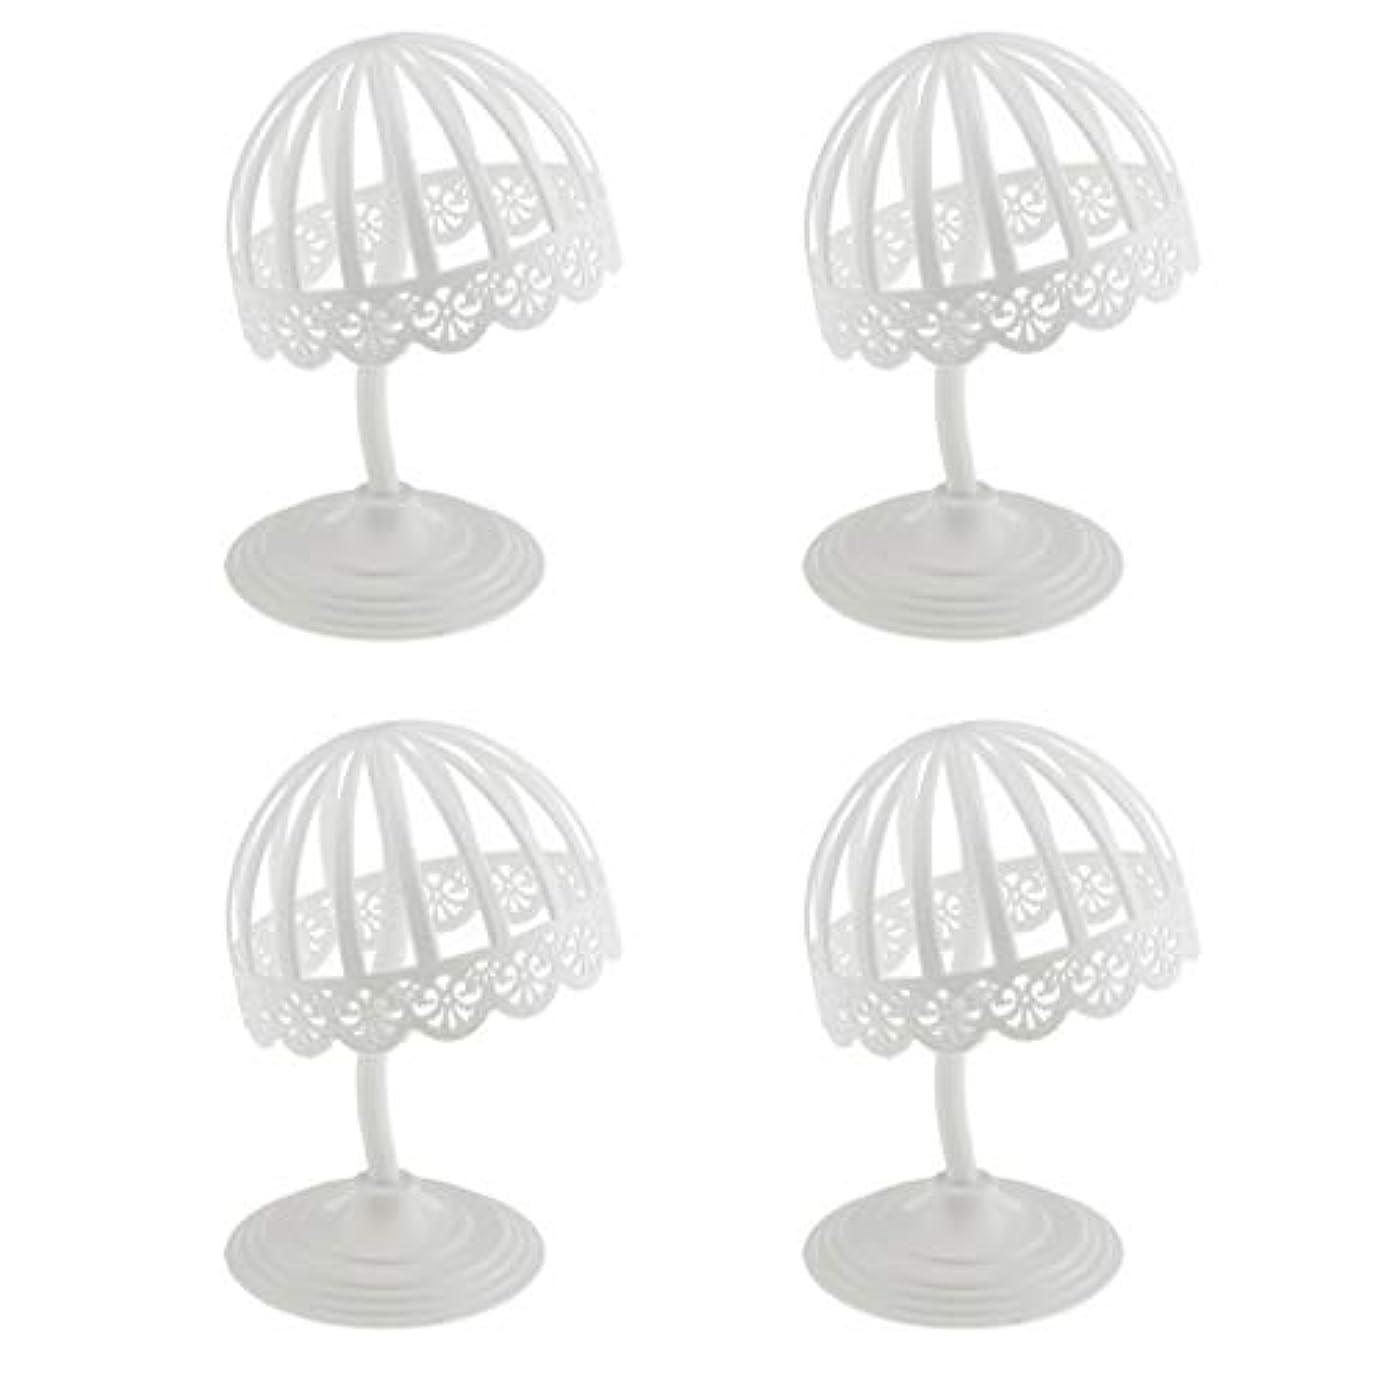 明らかにする通知たとえPerfeclan 4個セット ウィッグ スタンド 帽子 収納 ディスプレイ ホルダー プラスチック製 ホワイト